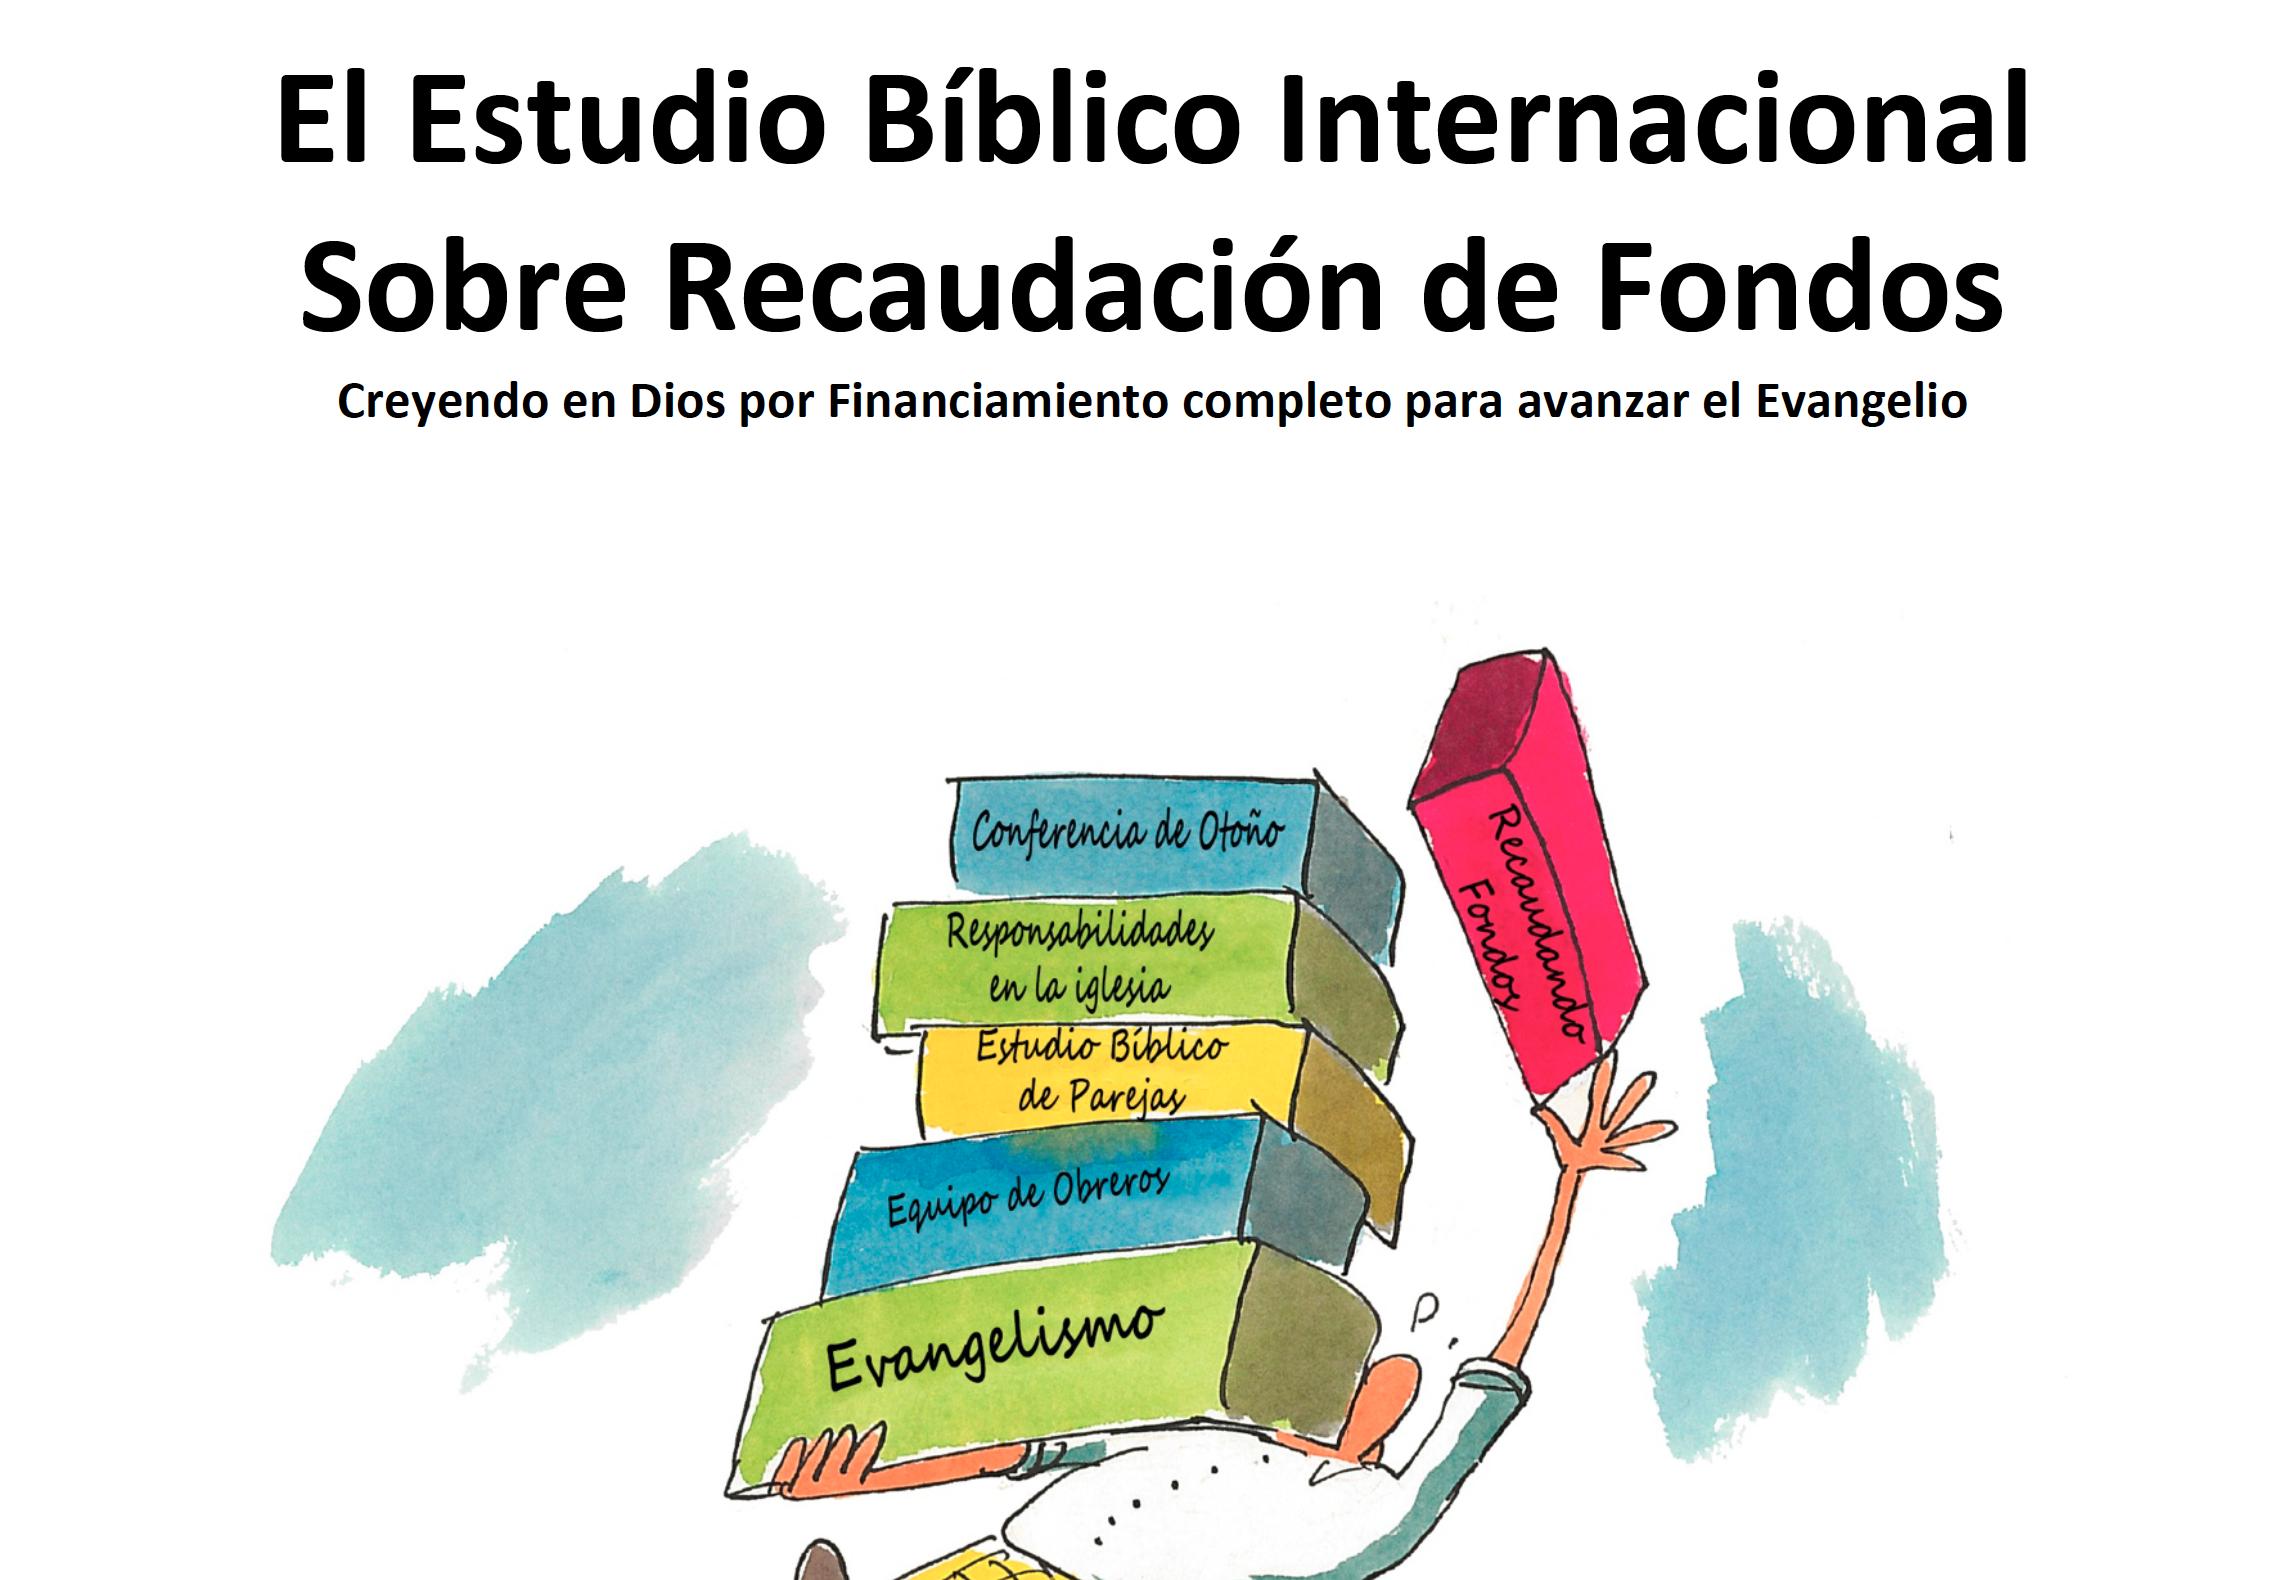 Estudio Bíblico Internacional - Descarga aquí